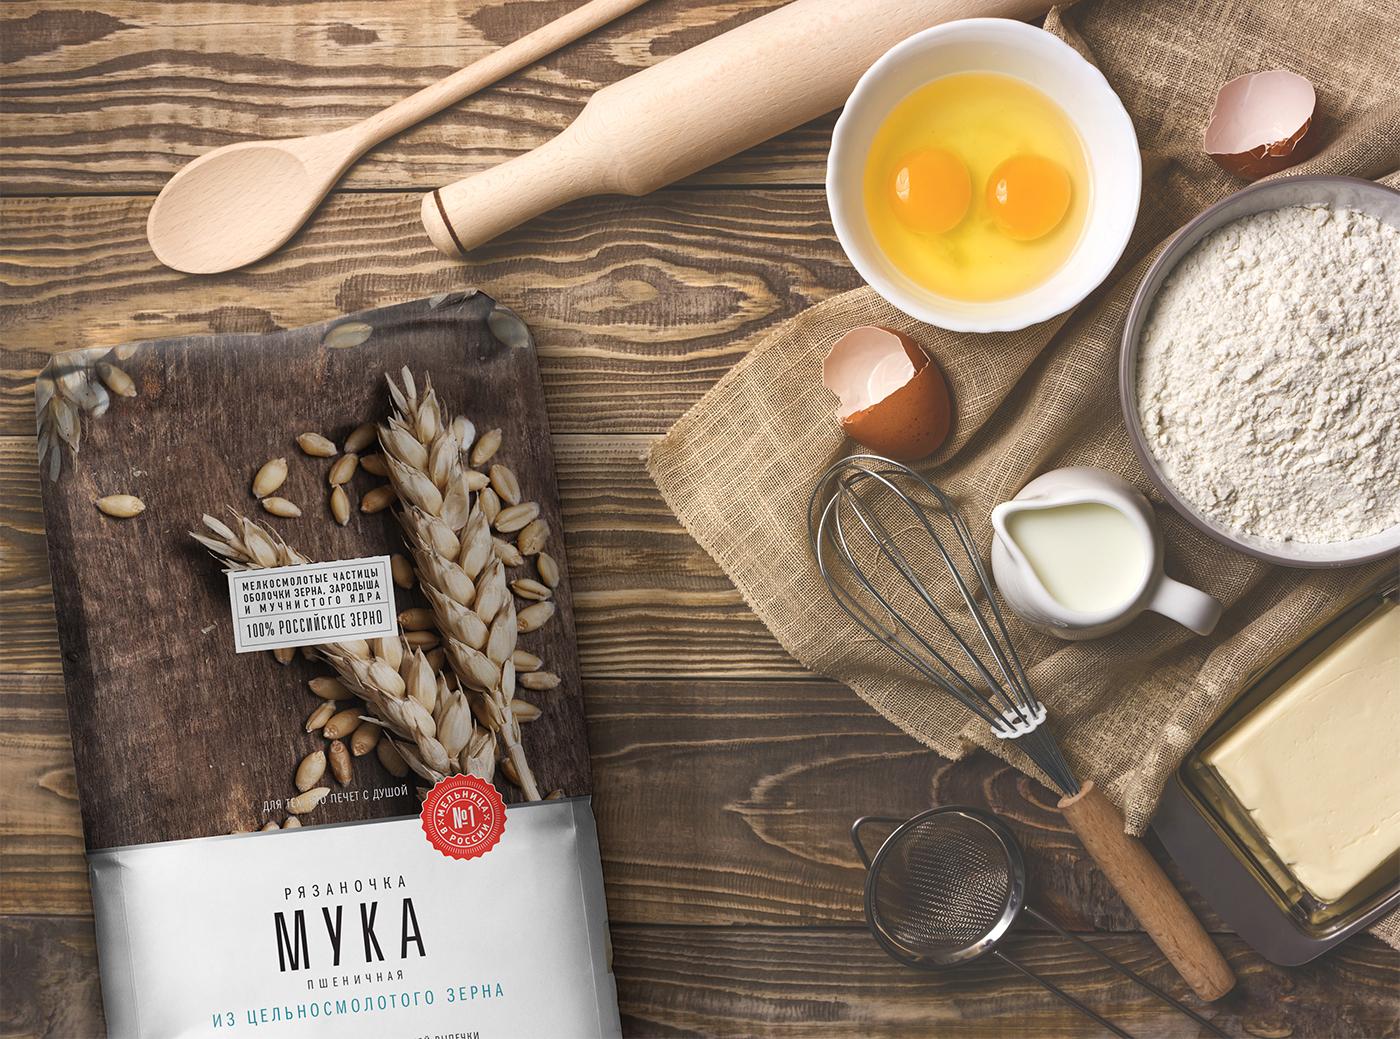 package package design  flour flour packaging rebranding